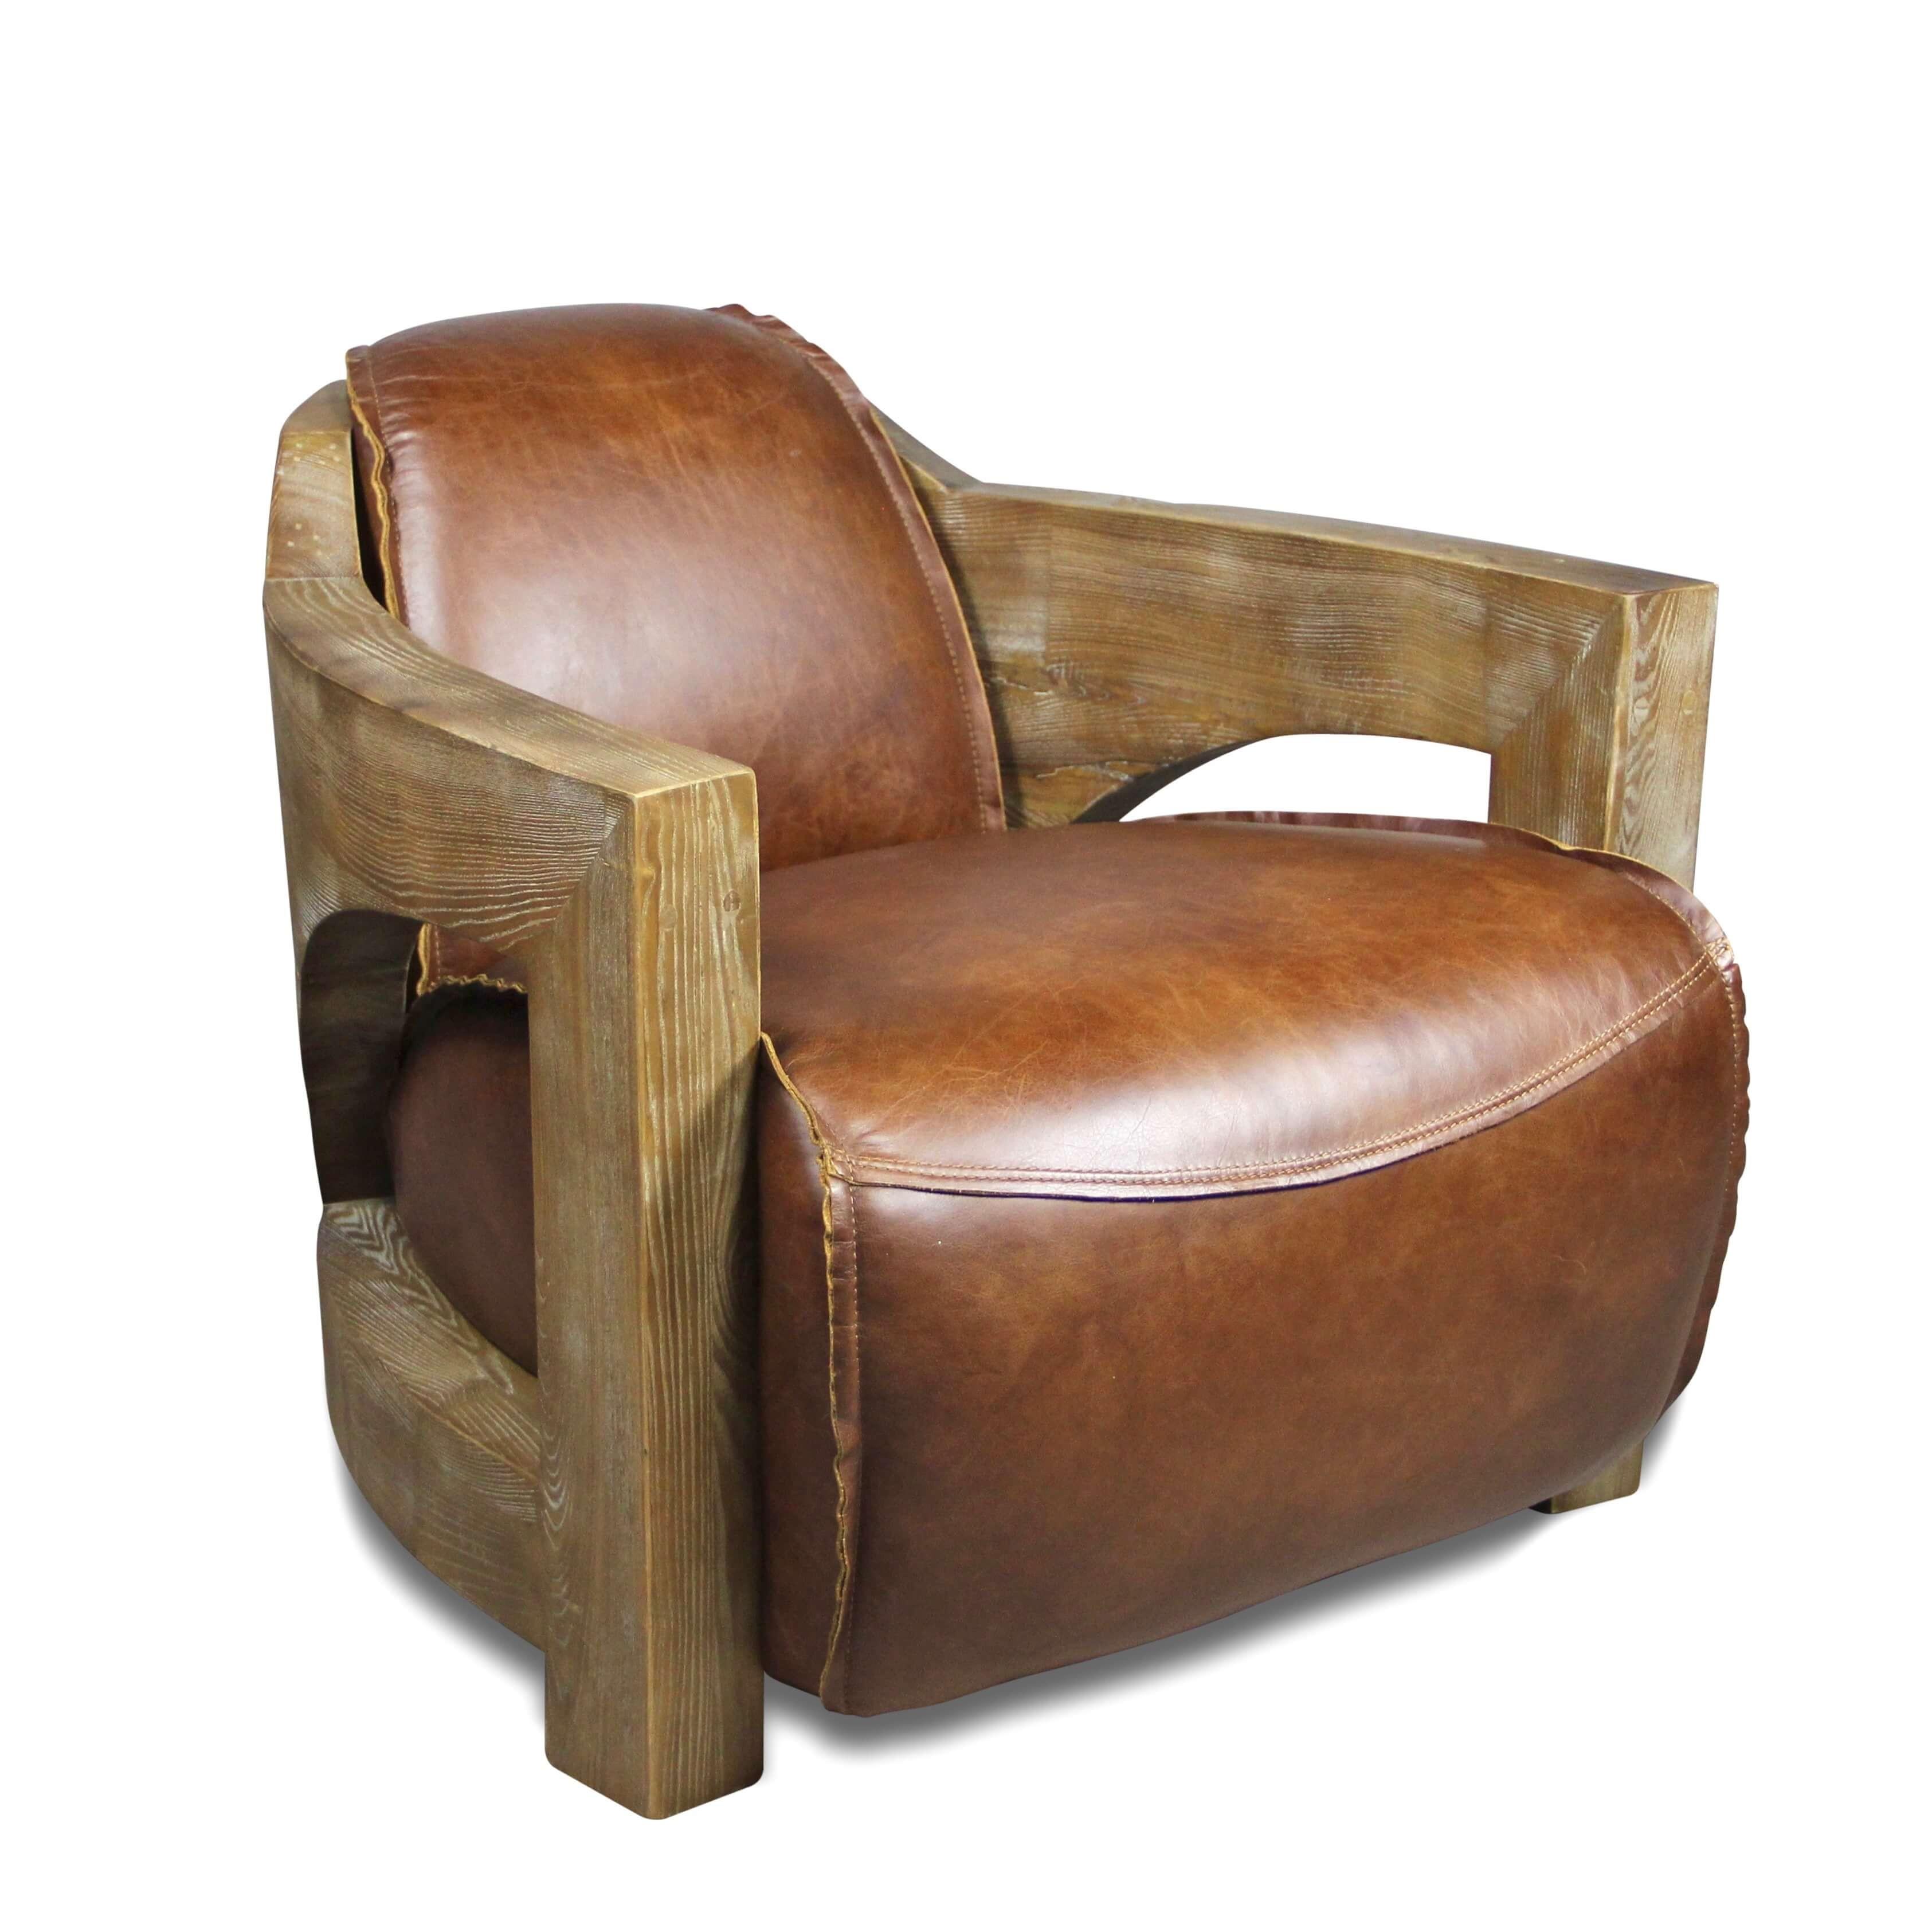 fauteuil cuir marron patin vintage et bois style chalet. Black Bedroom Furniture Sets. Home Design Ideas